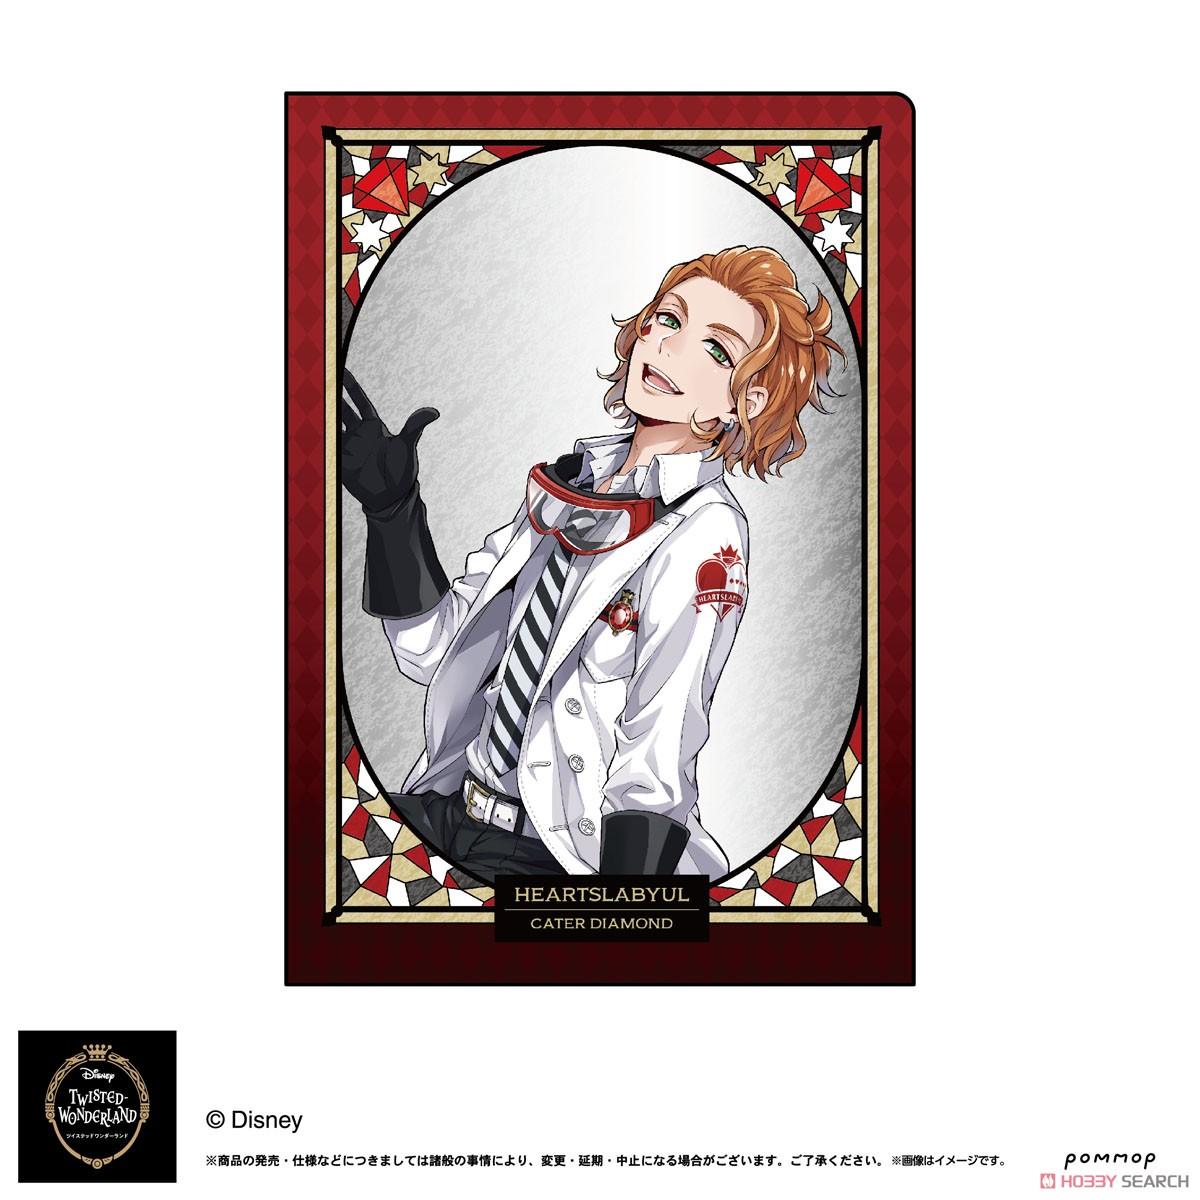 ディズニー ツイステッドワンダーランド『A5ダブルクリアファイルコレクション A』11個入りBOX-006